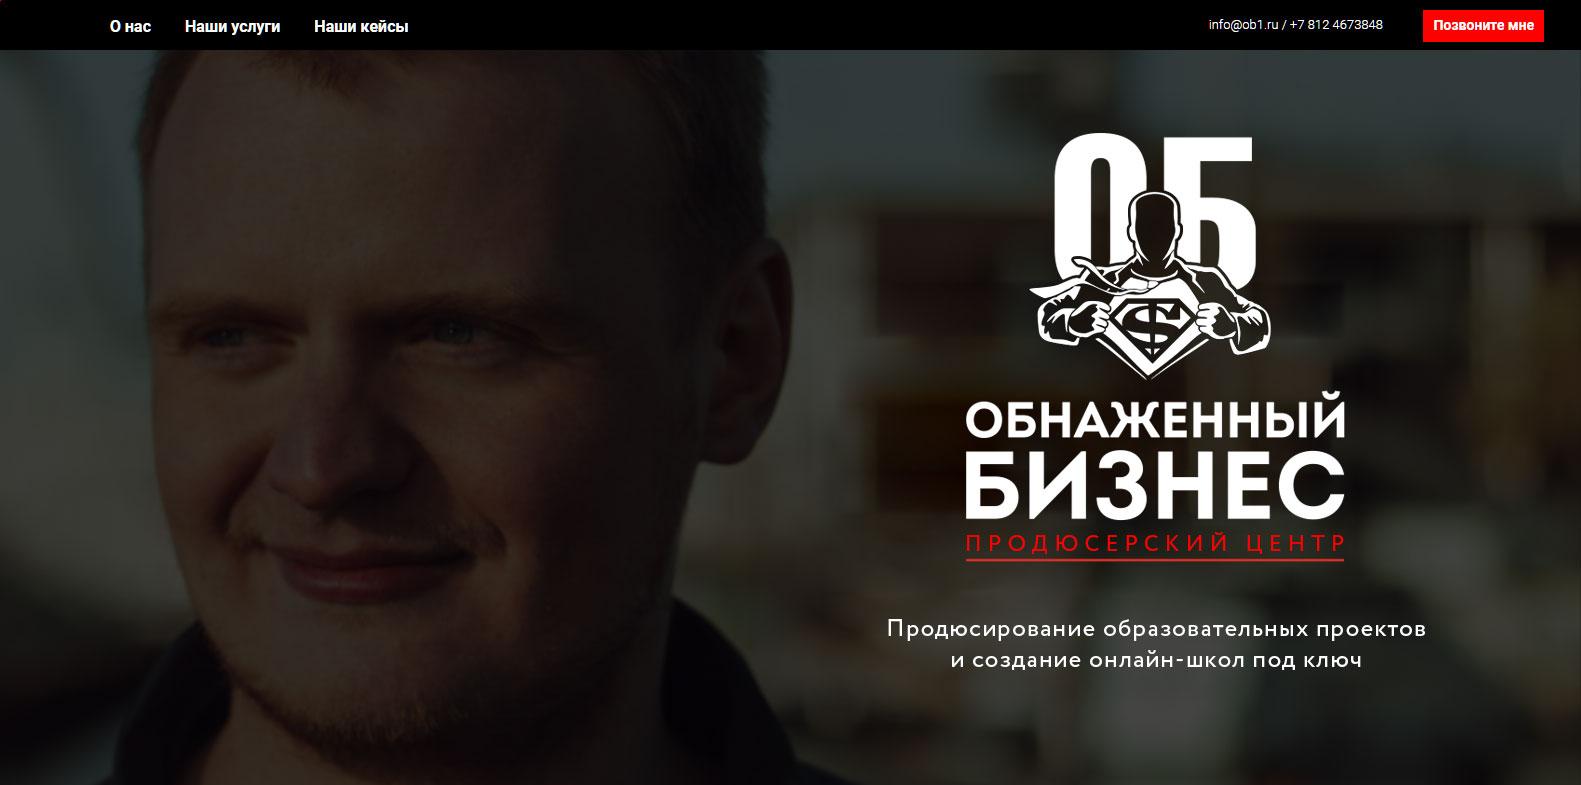 """Логотип для продюсерского центра """"Обнажённый бизнес"""" фото f_6285ba153b1d552c.jpg"""